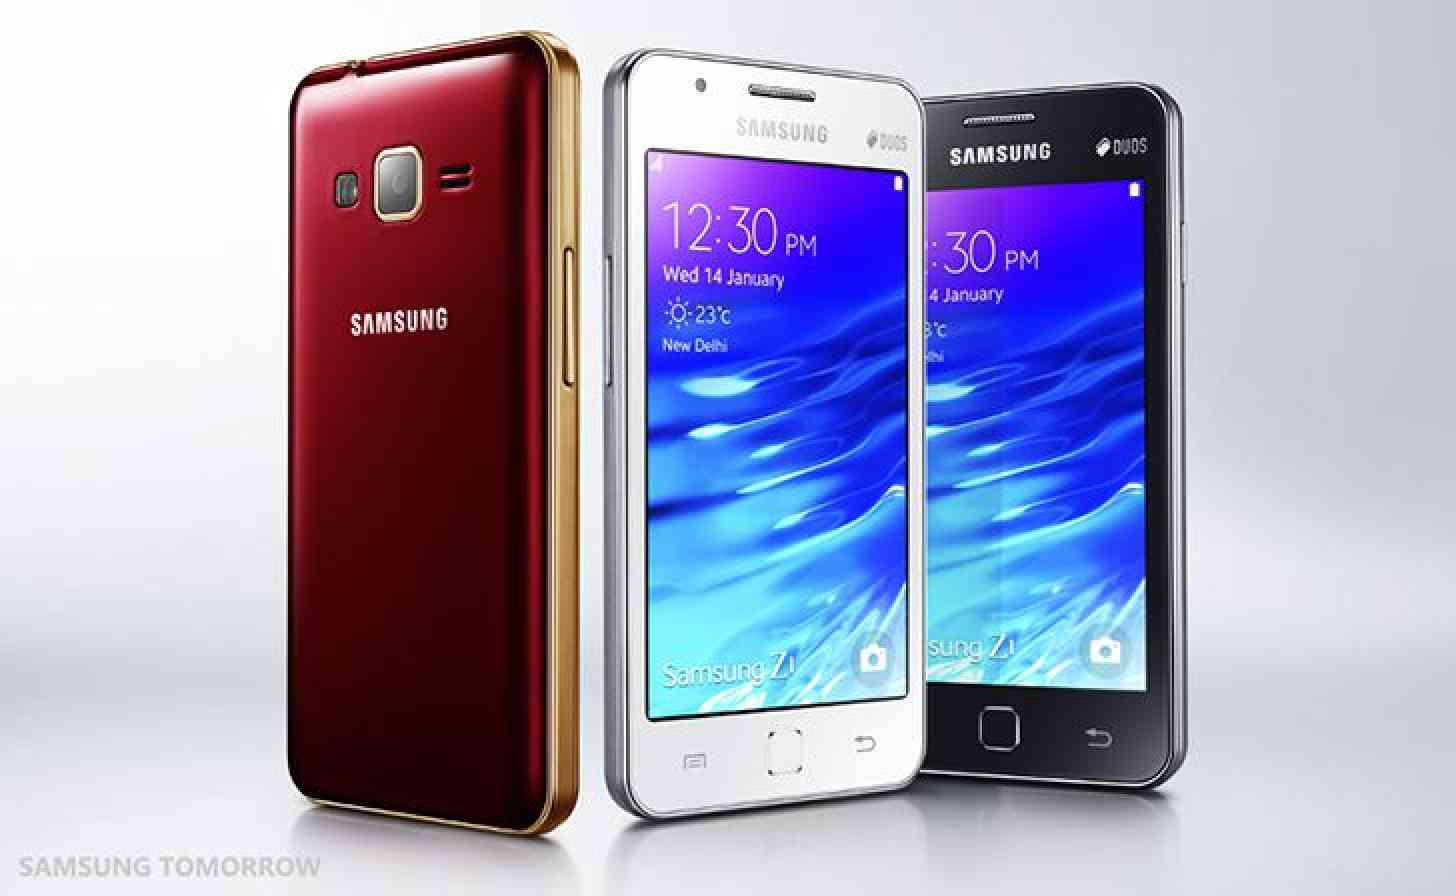 Samsung Z1 Tizen smartphone official